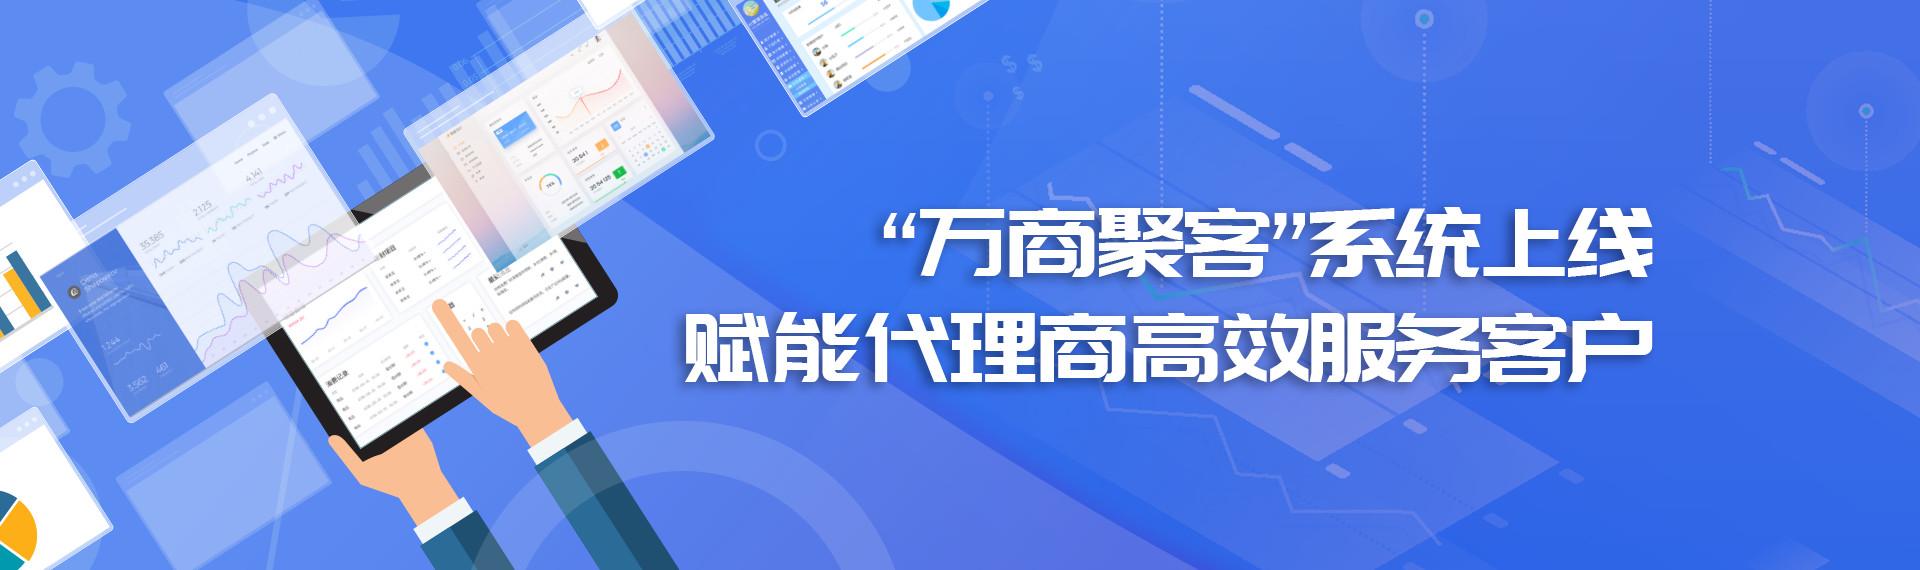 万商聚客banner.jpg